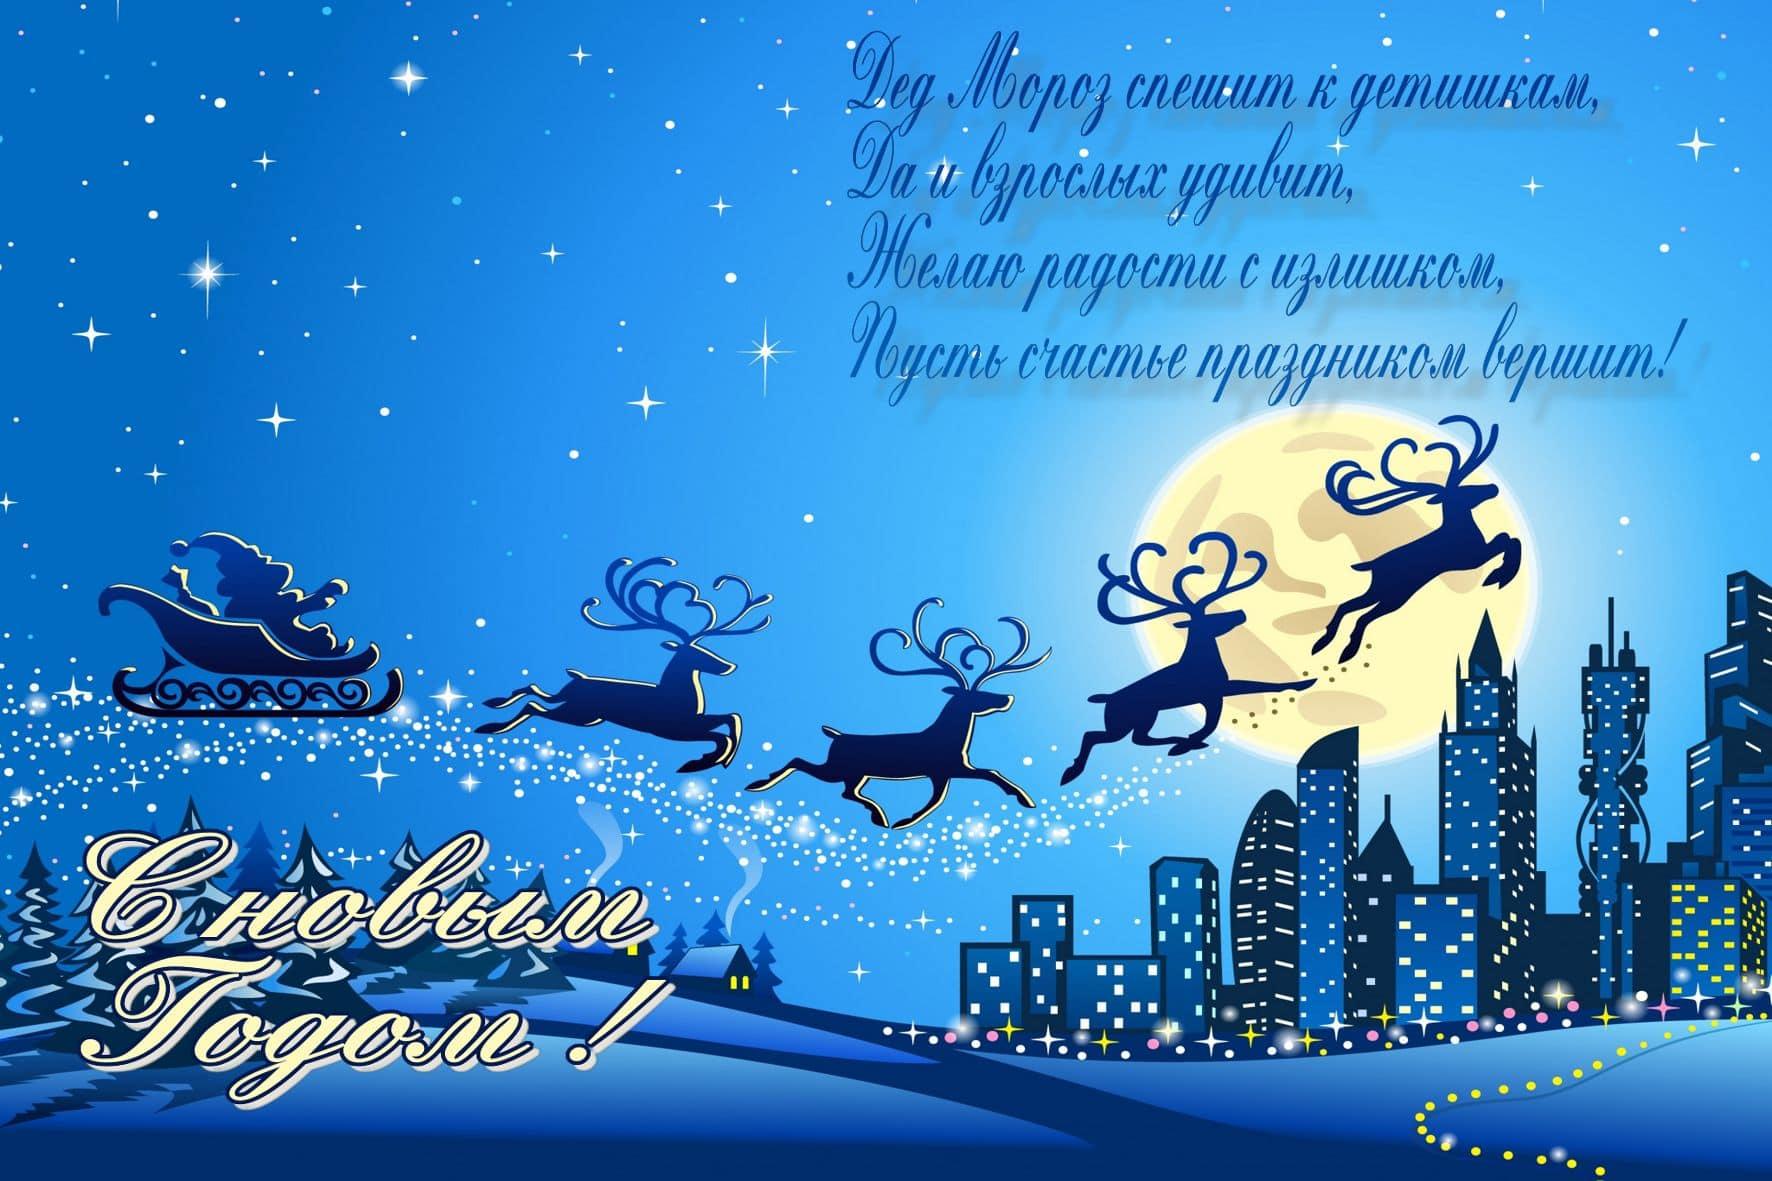 Новые поздравления с Новым Годом. В стихах и открытках.